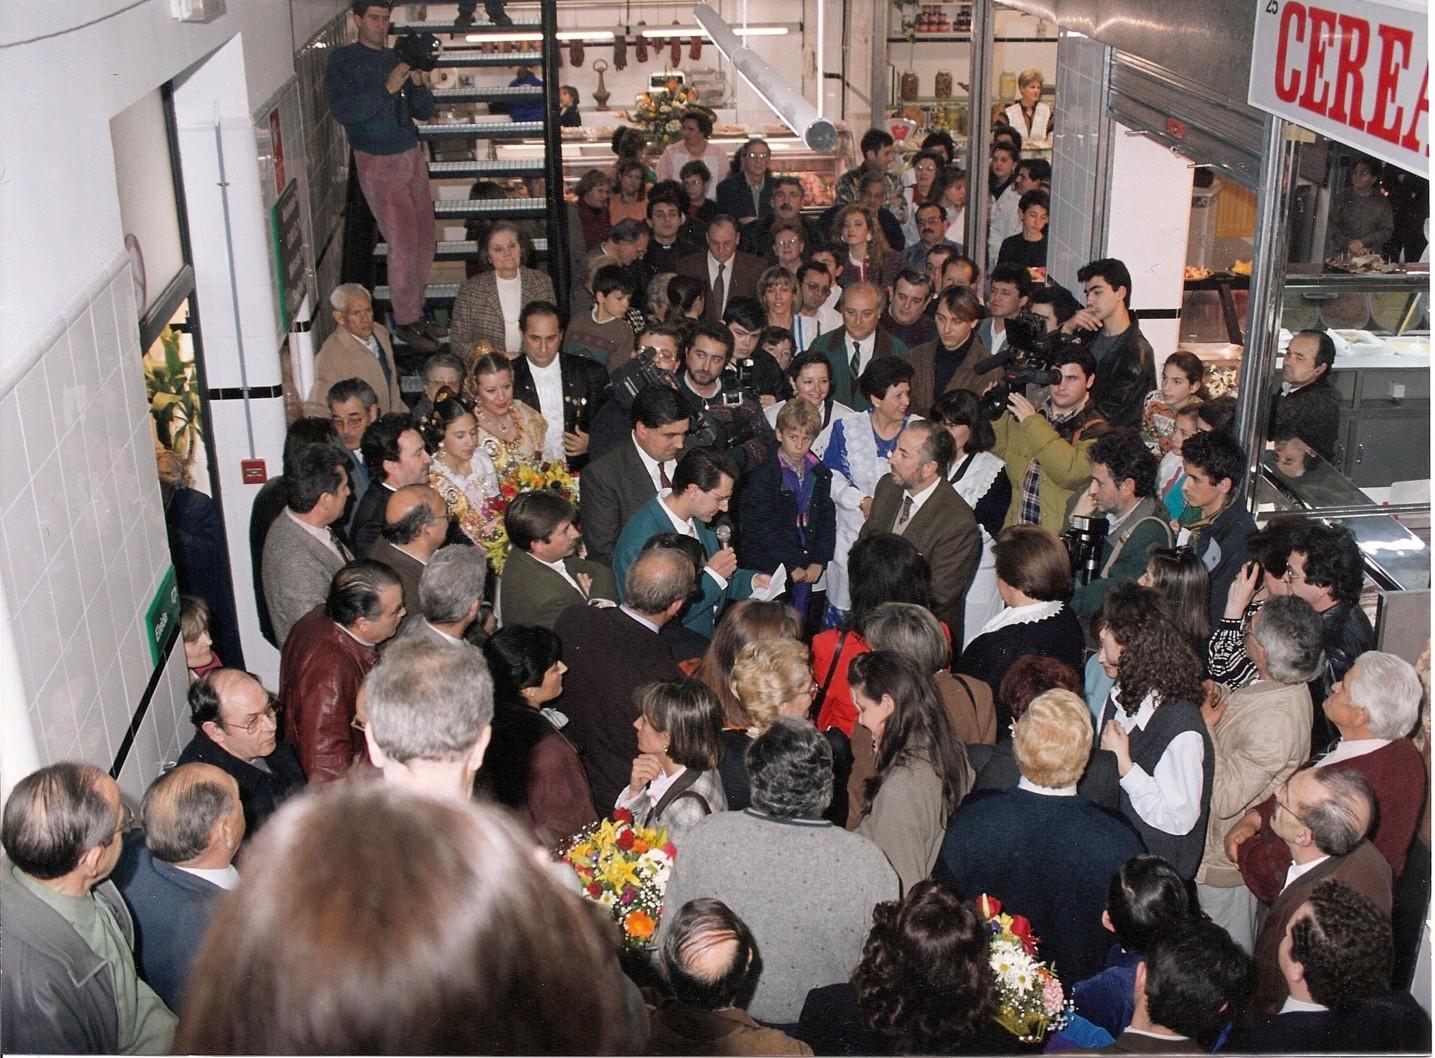 Inauguracion-reforma-mercado-1993 (3)